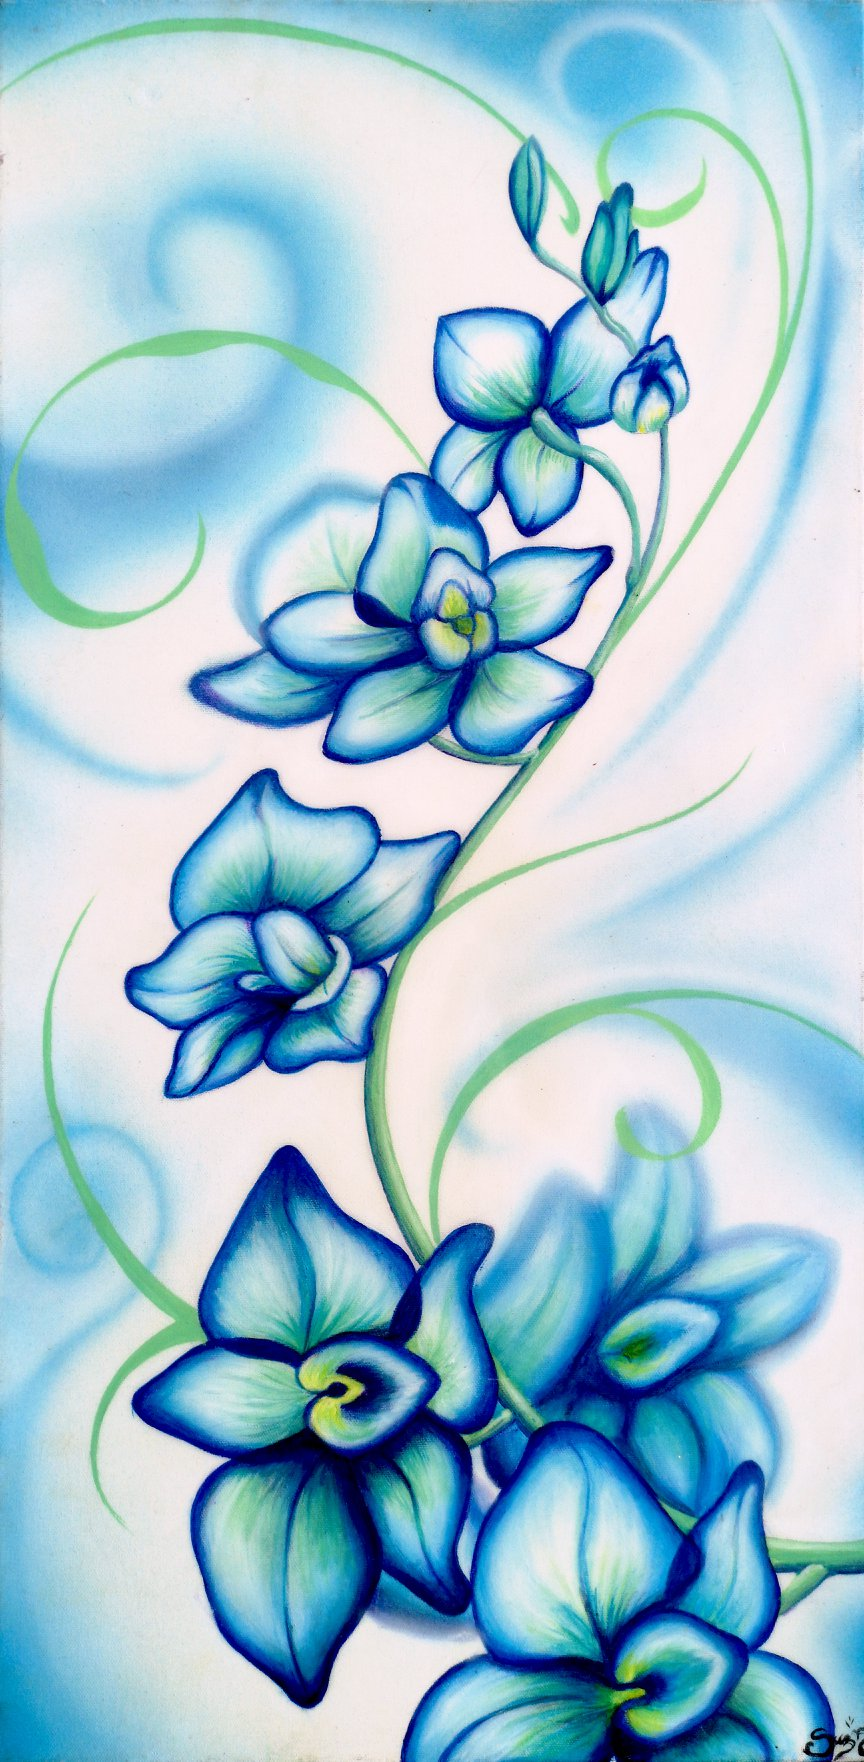 Orchid's dance